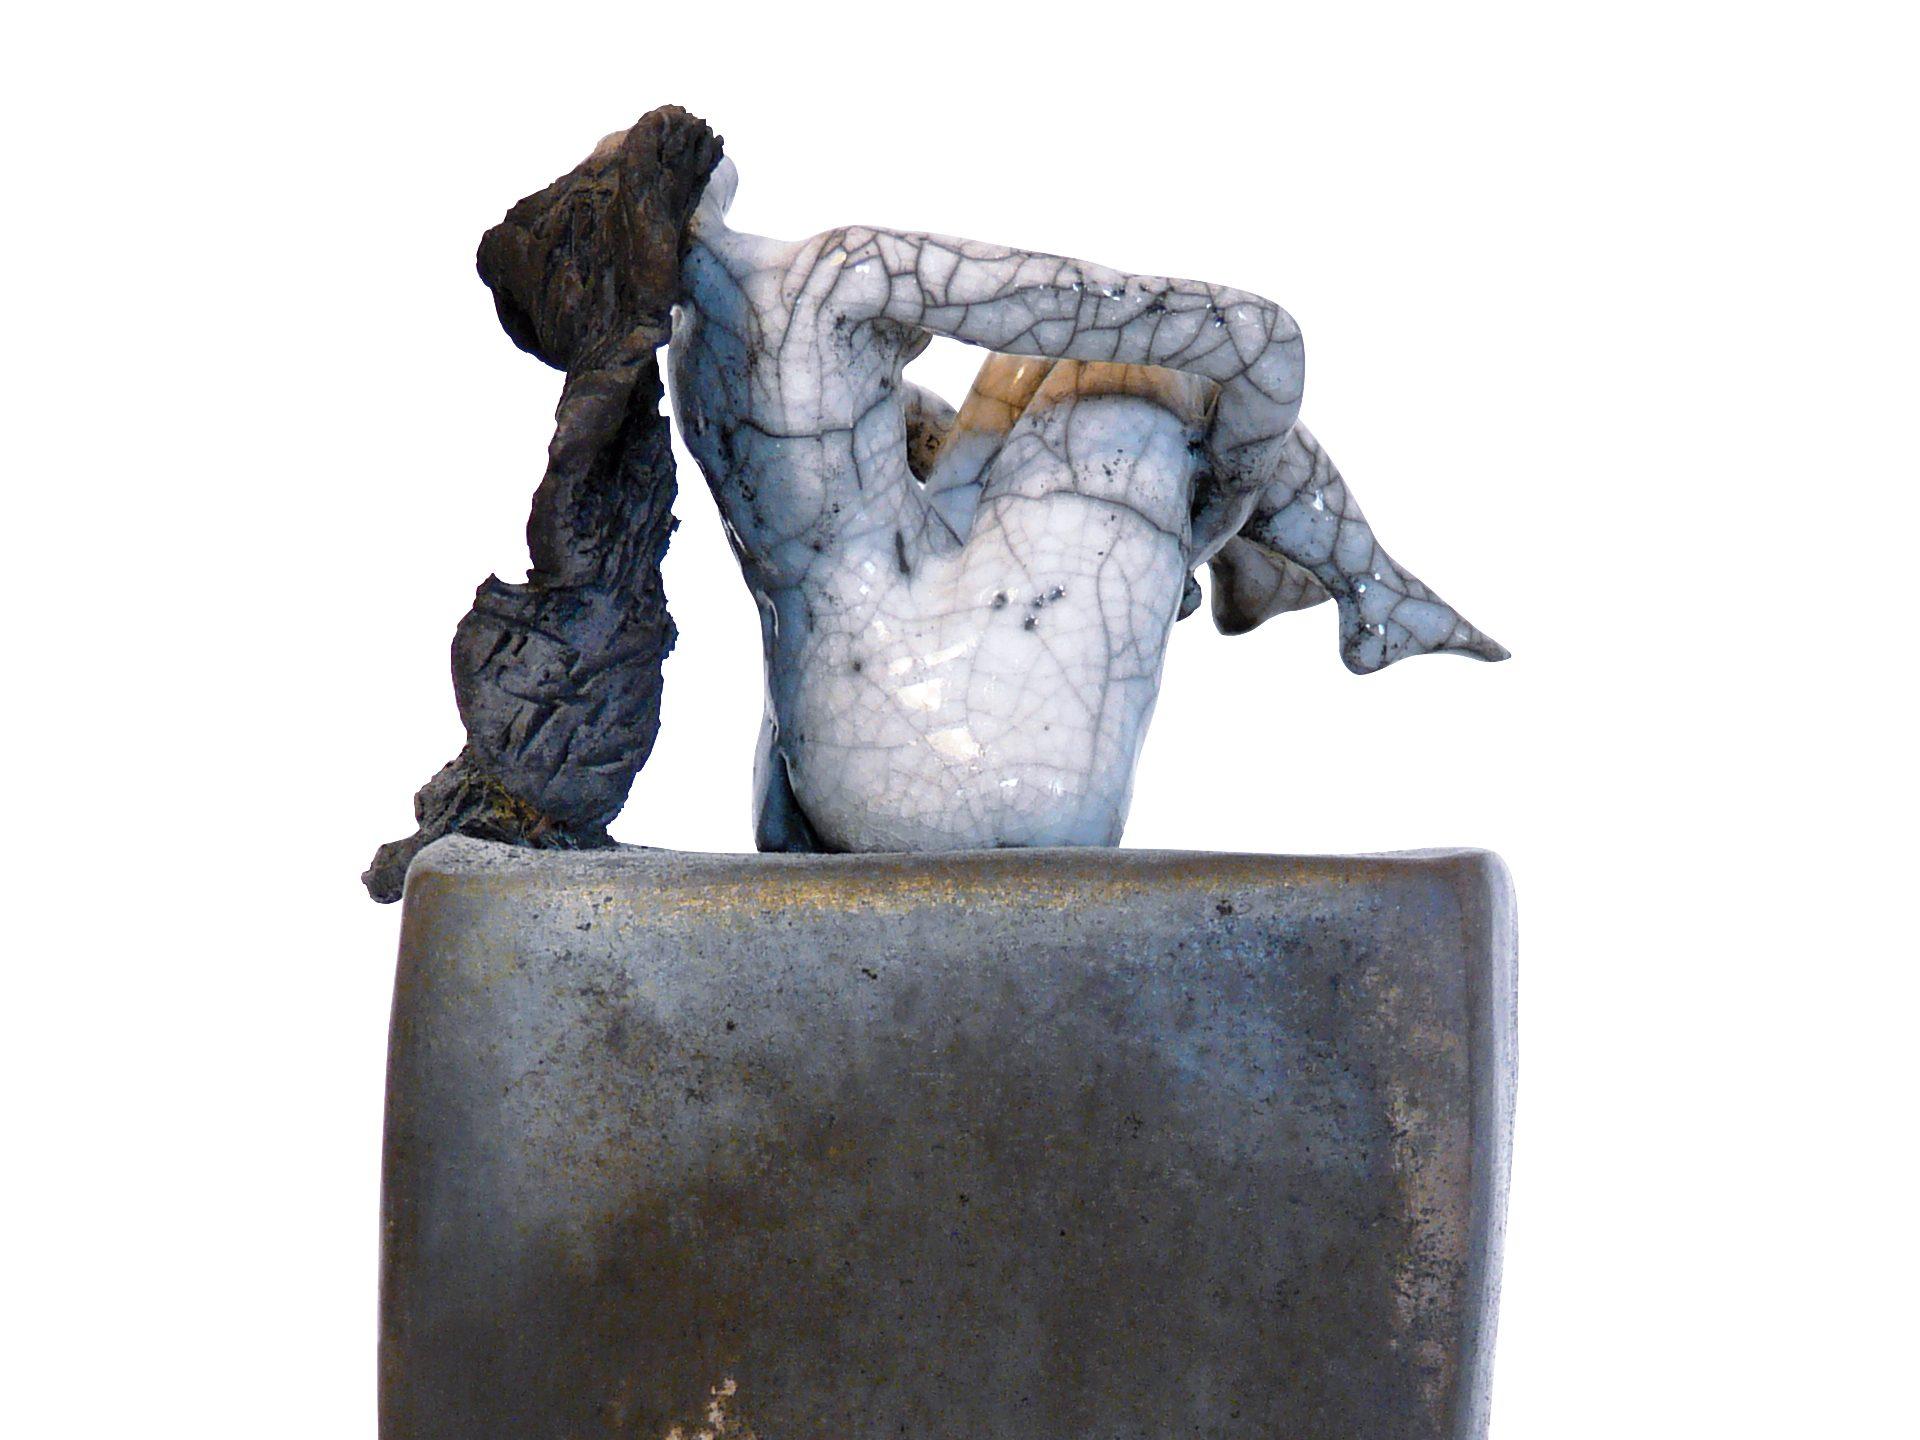 La je bascule - Grès - Raku - Sculptures céramique de Florence Lemiegre